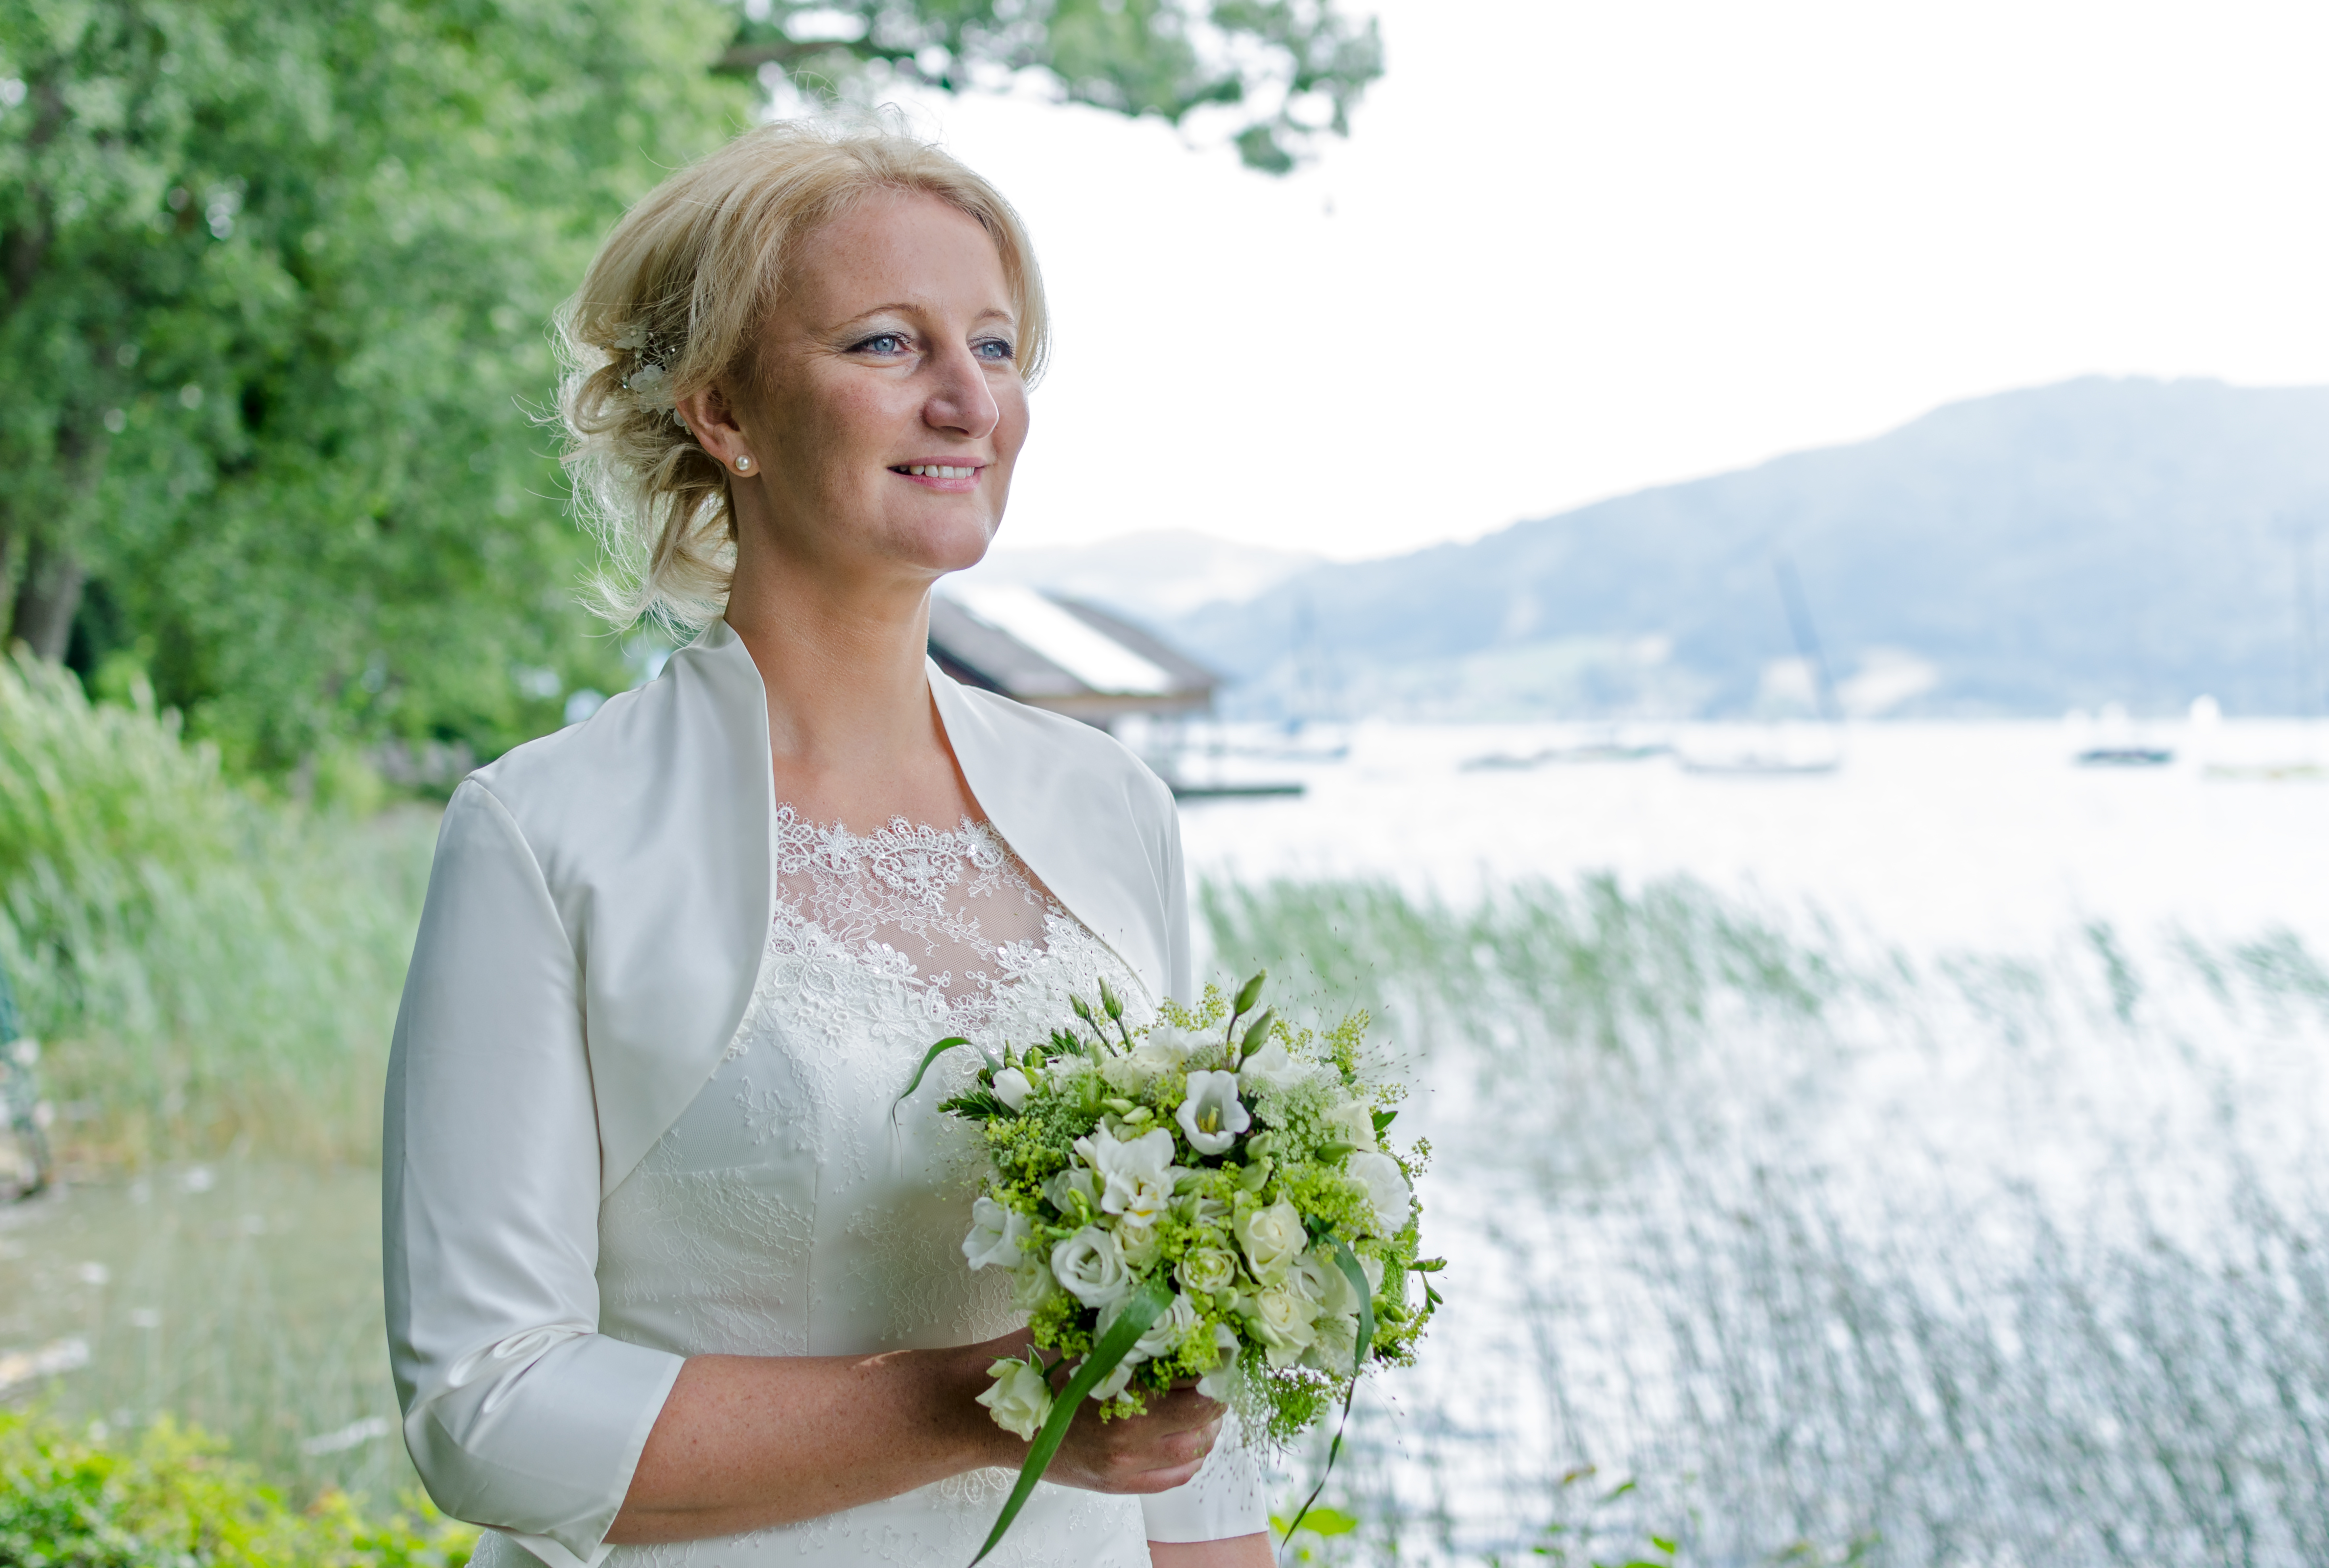 Christine&Gerhard_Hochzeit_Portrait_085_StephanSchreinerPhotography Kopie